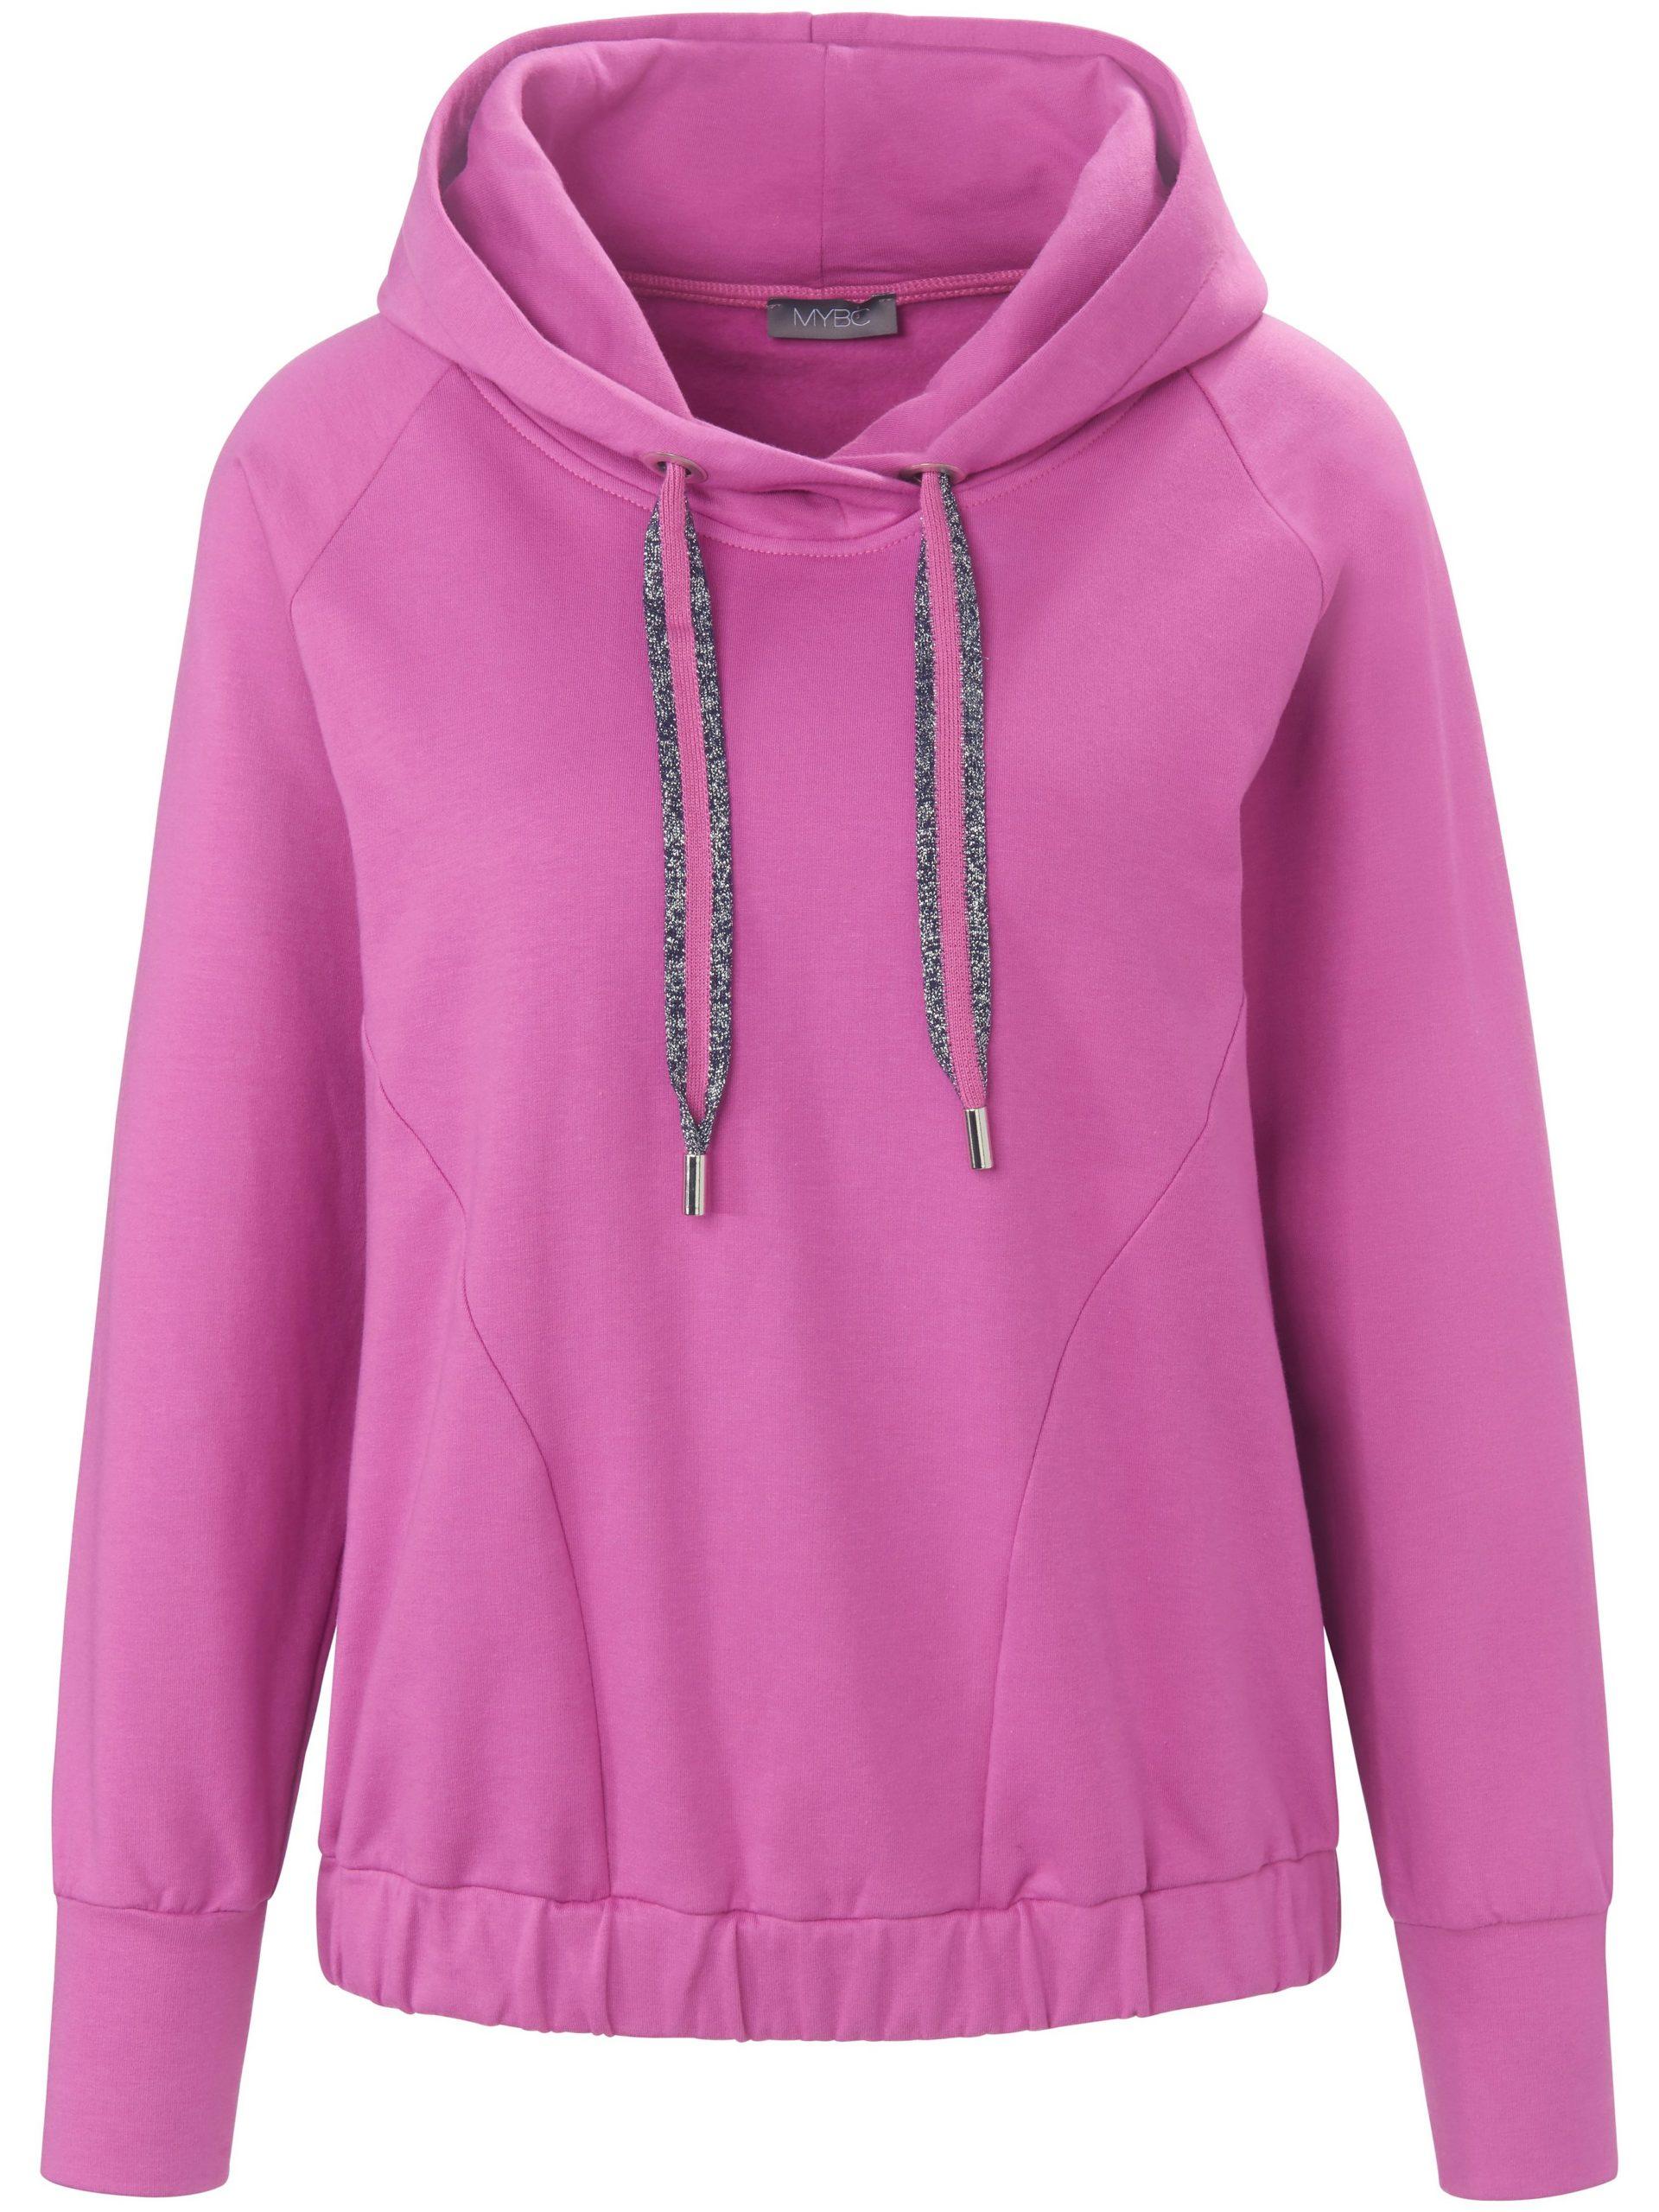 Sweatshirt met capuchon en lange raglanmouwen Van MYBC lichtroze Kopen